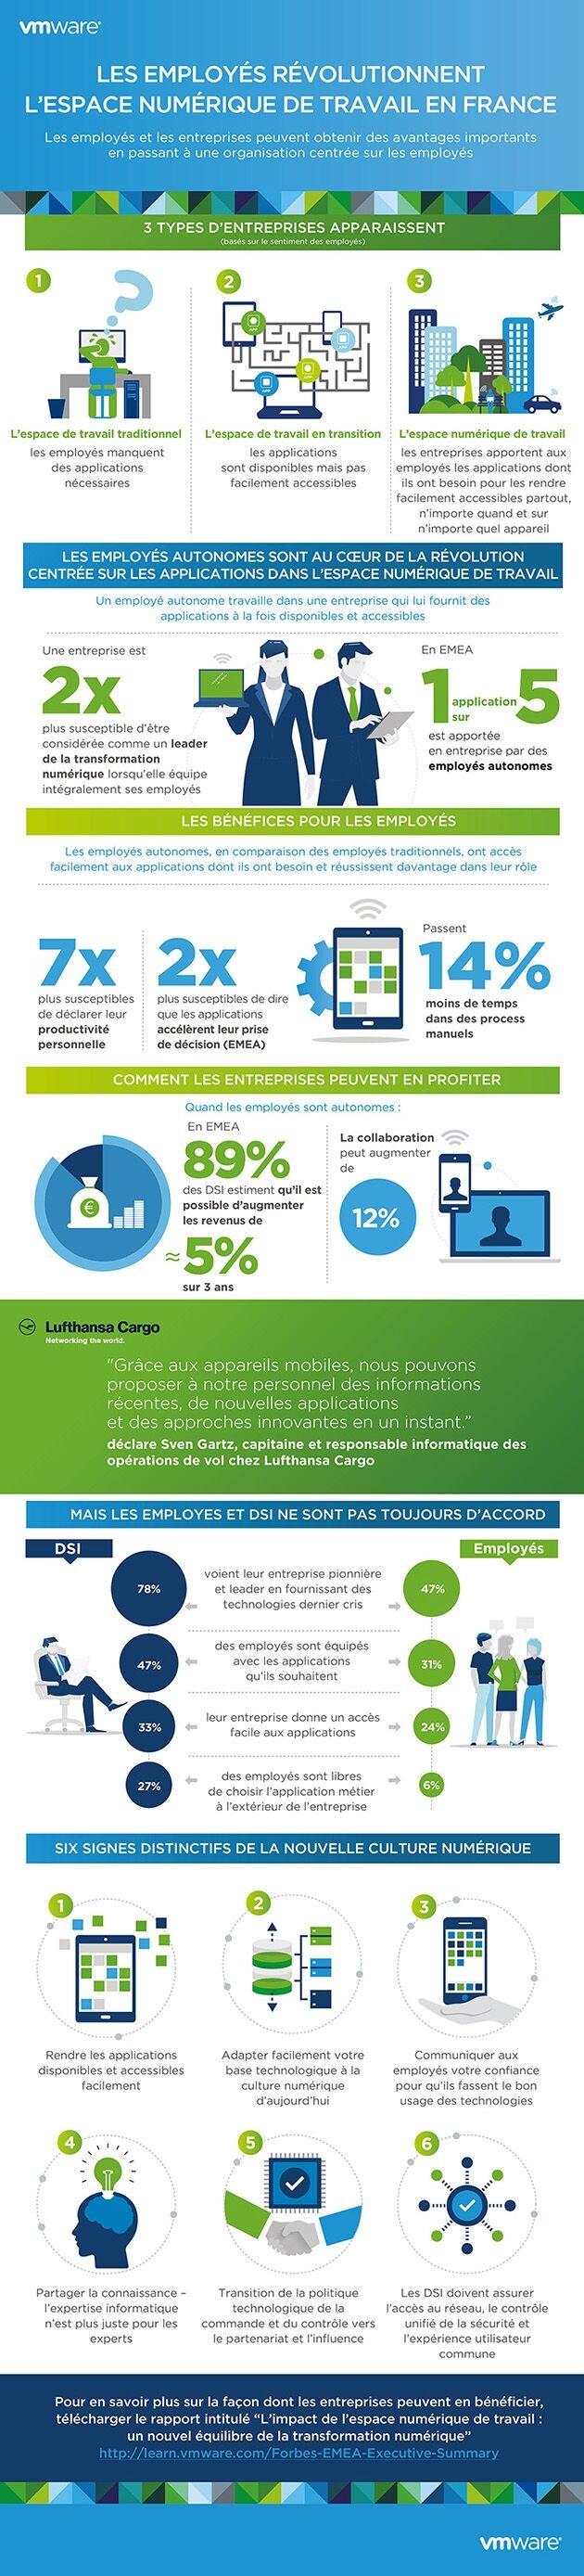 Les employés français révolutionnent l'espace numérique de travail